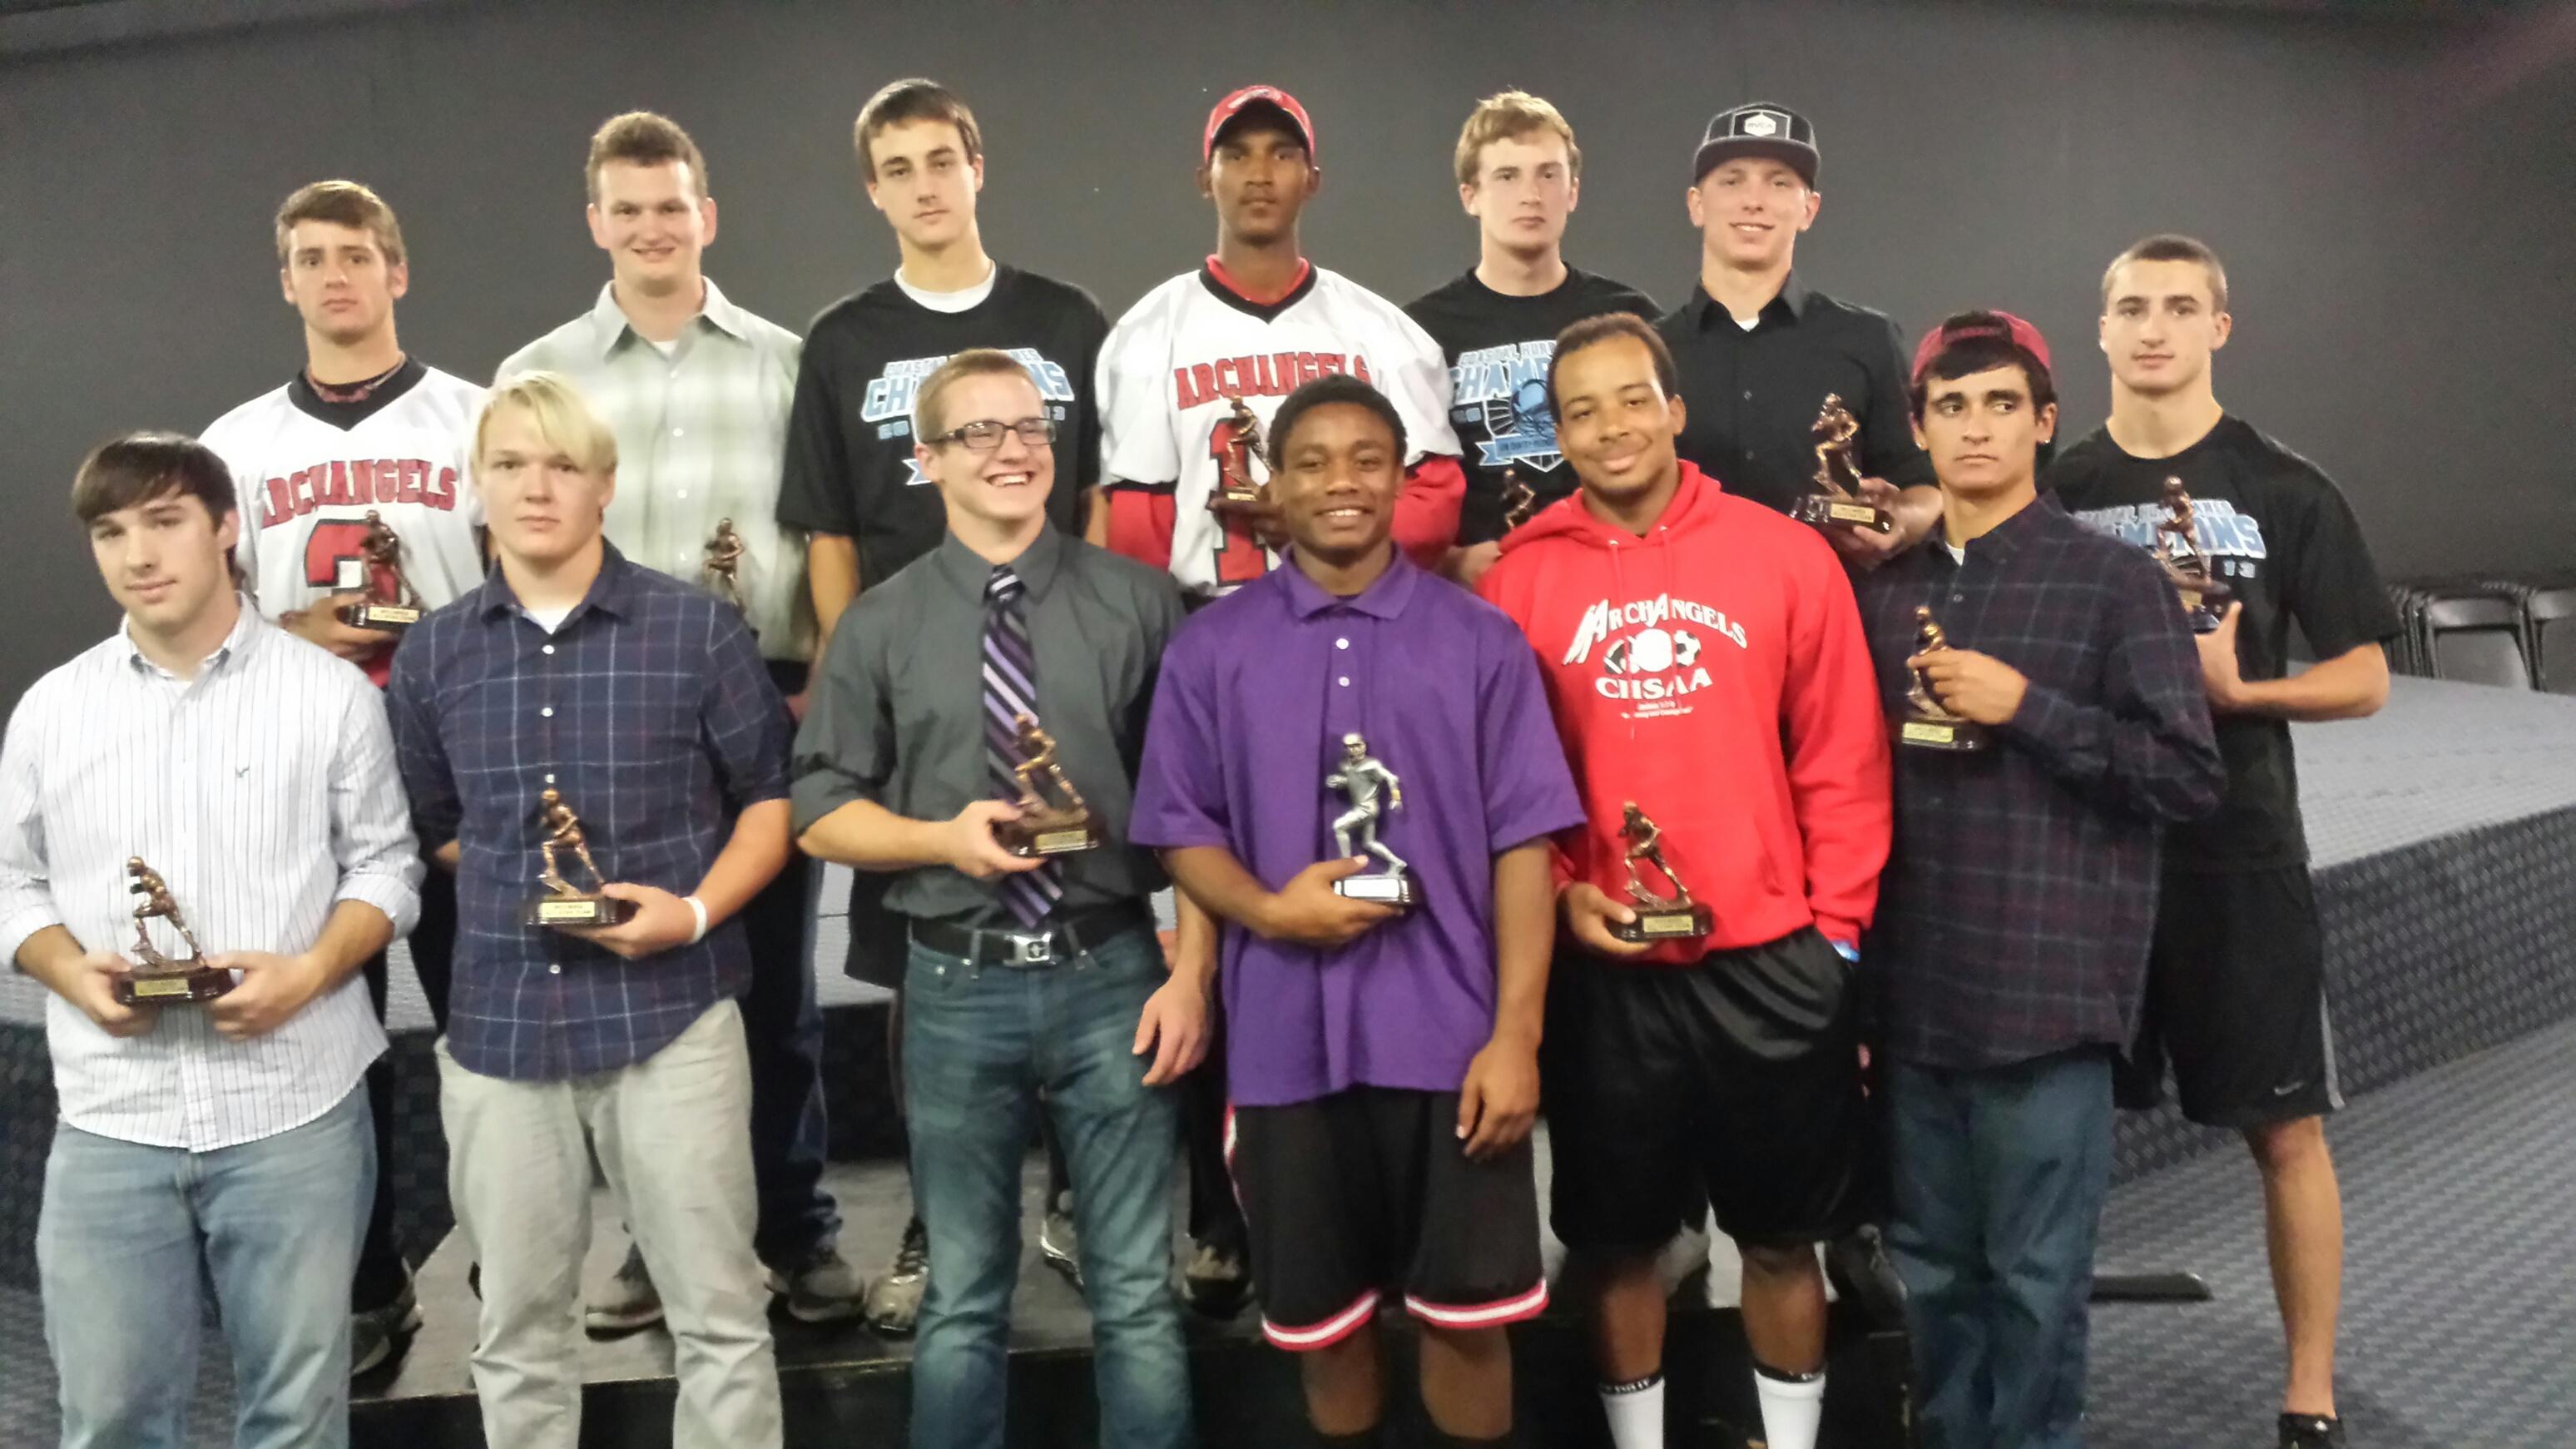 2013 NHSA All-Stars